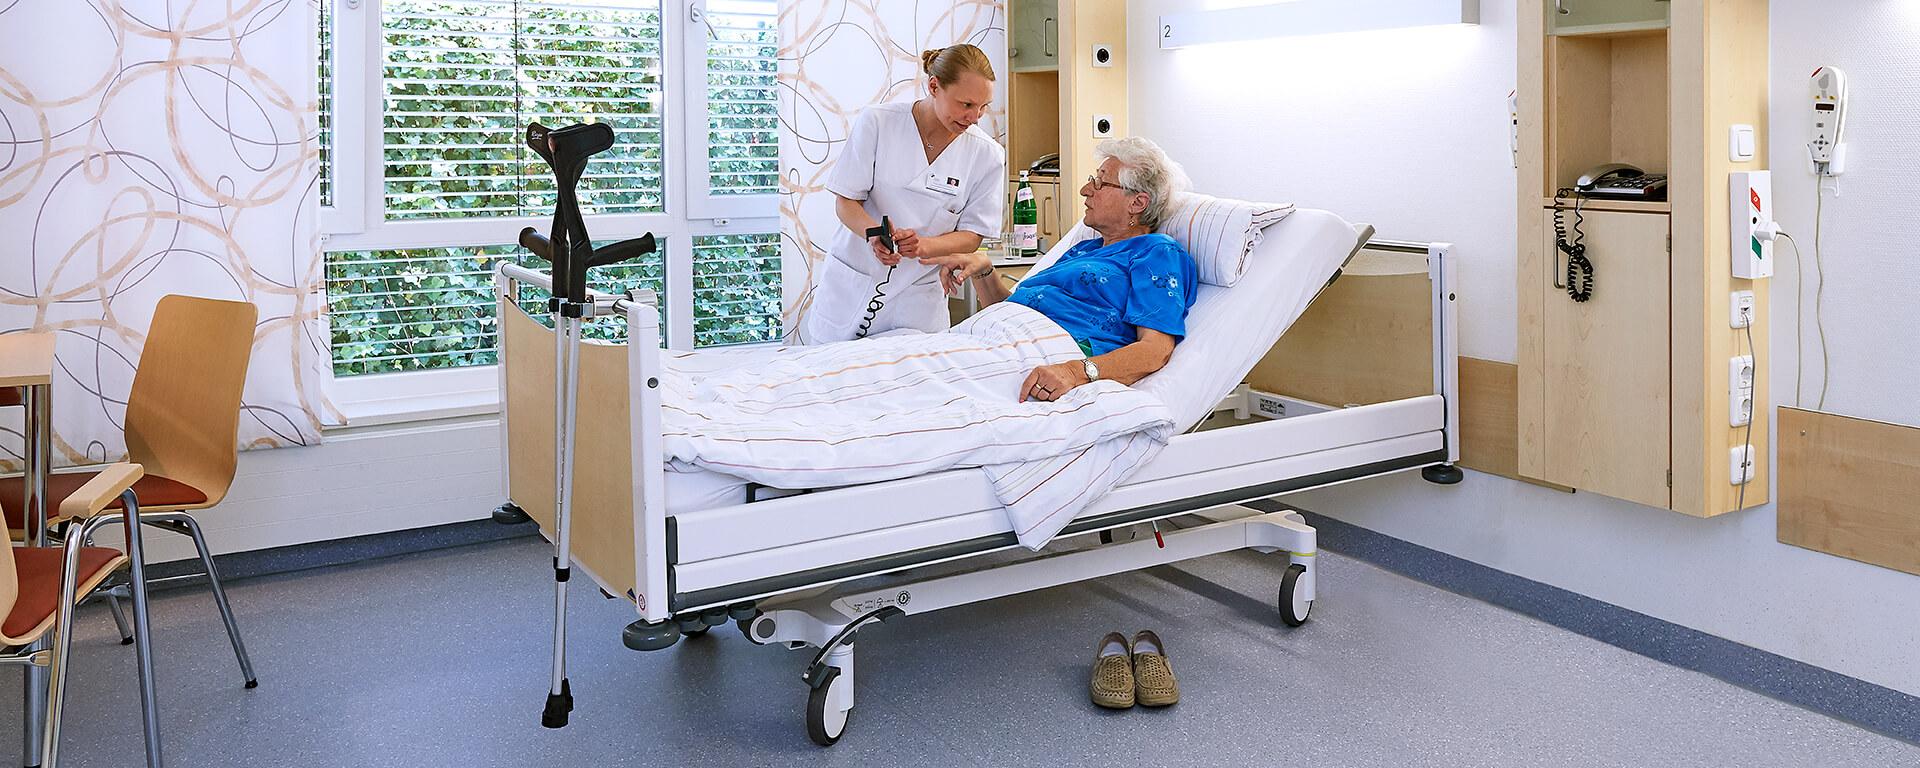 Wehencocktail Im Krankenhaus